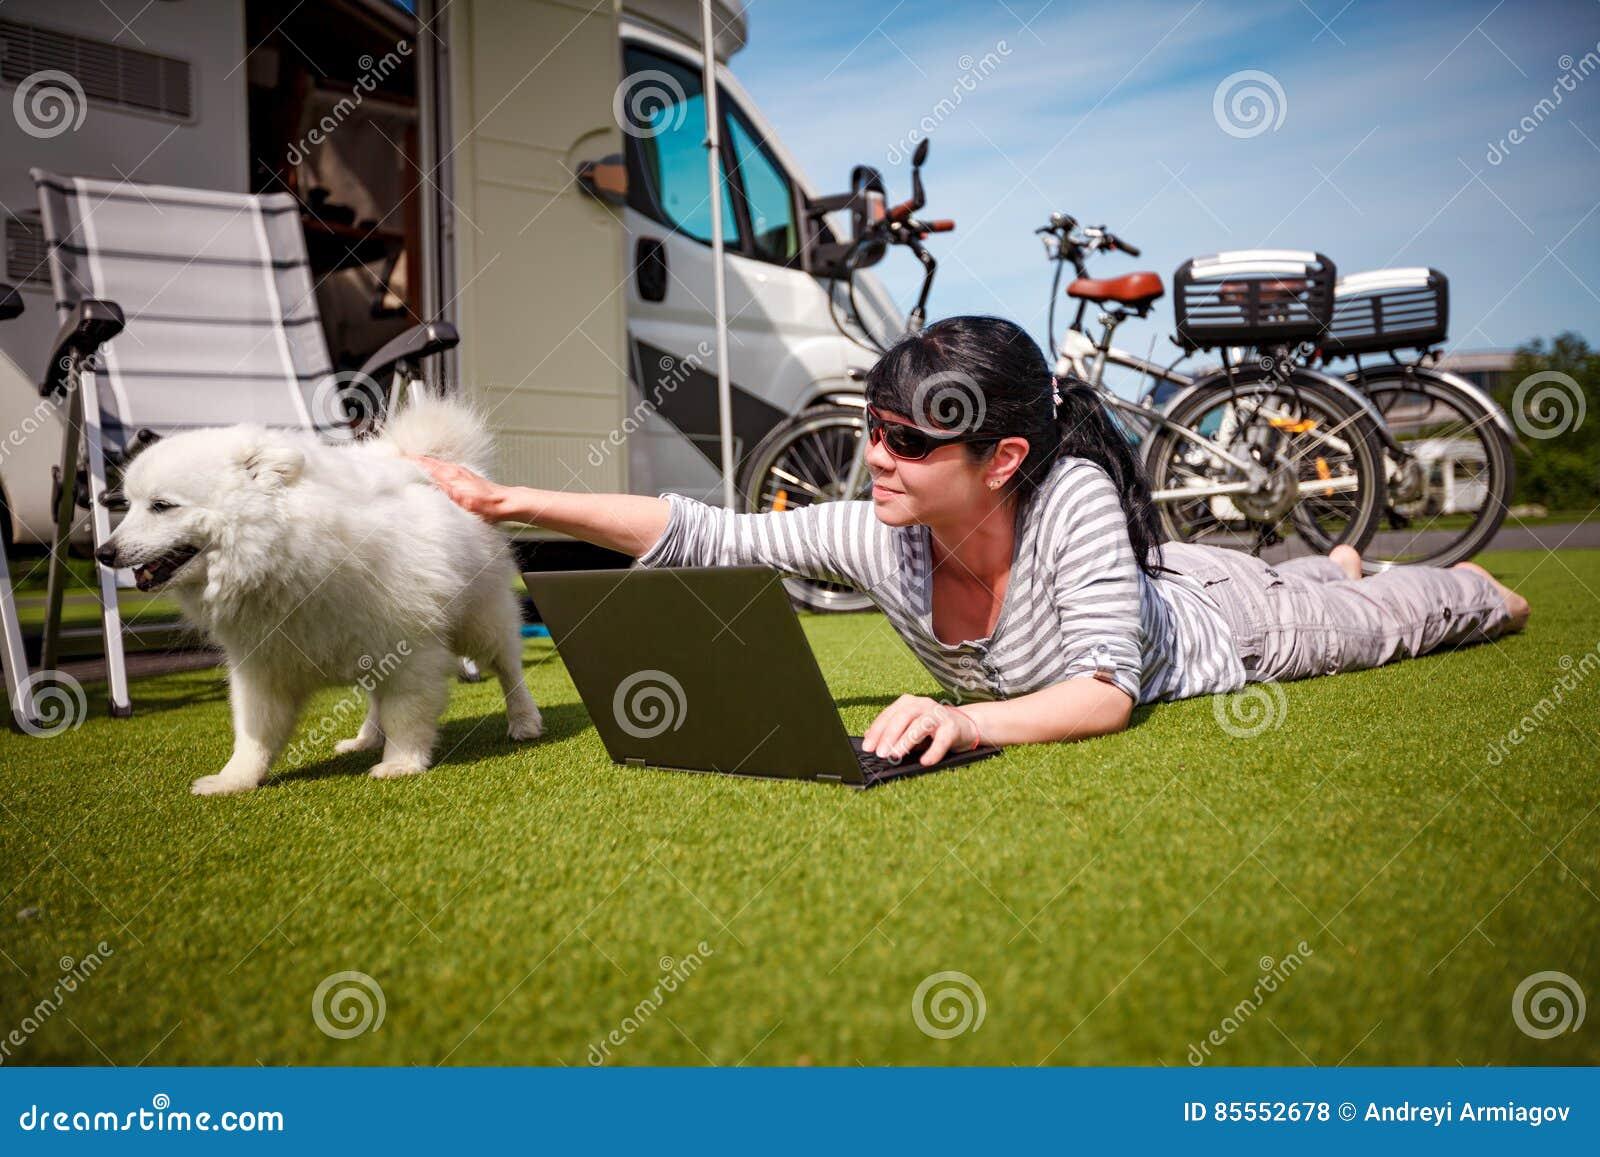 Frau auf dem Gras mit einem Hund, der einen Laptop betrachtet